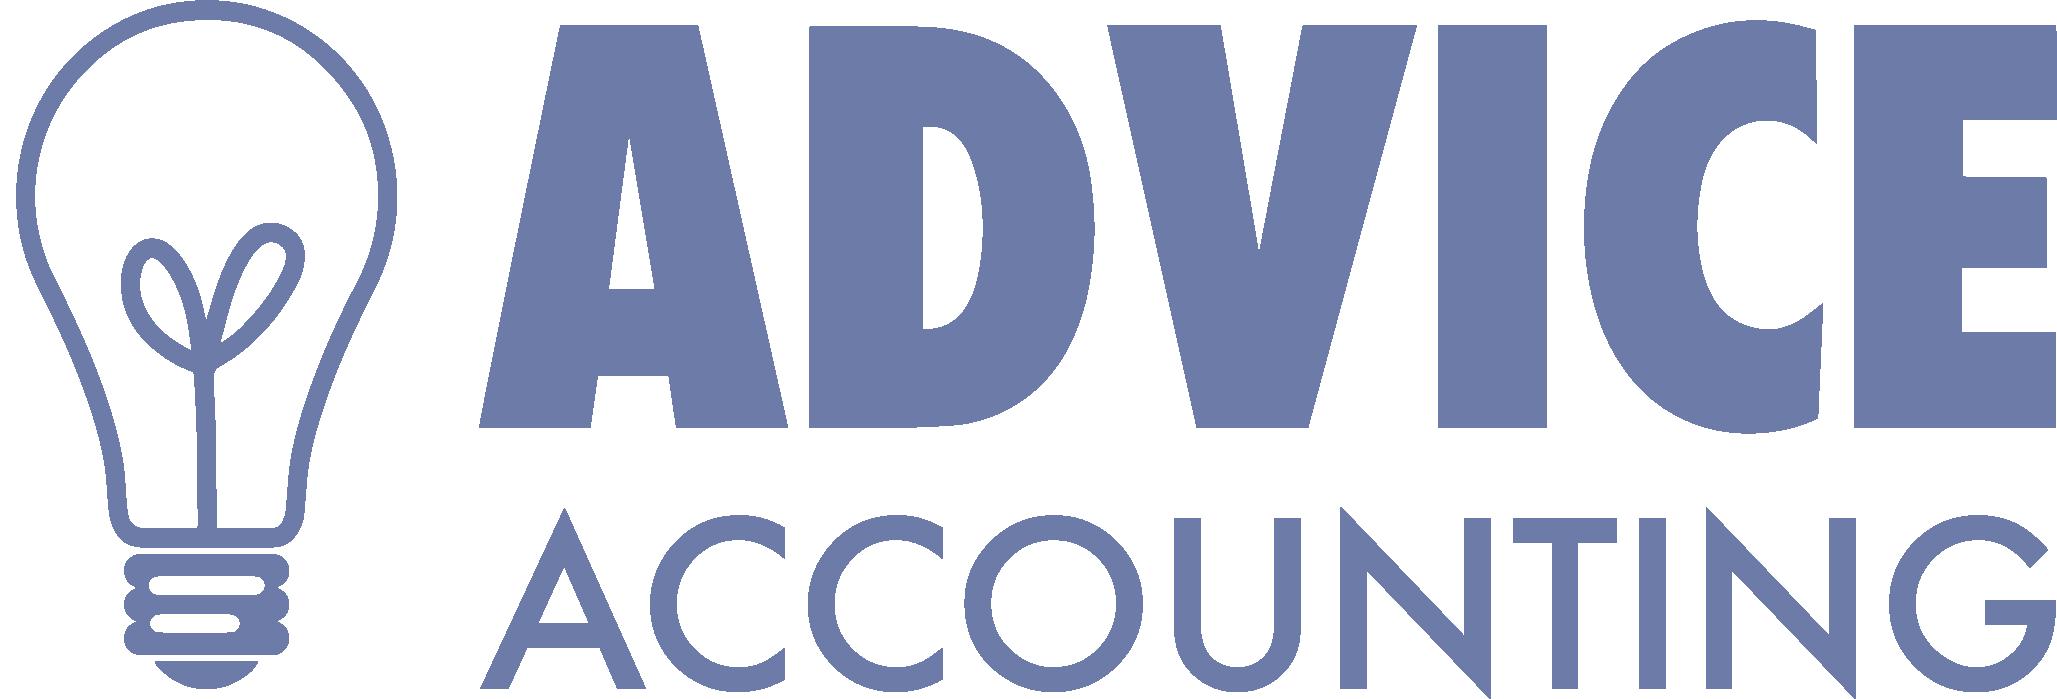 If You Need Fantastic Accounting Homework Help, Call MyHomeworkDone.com